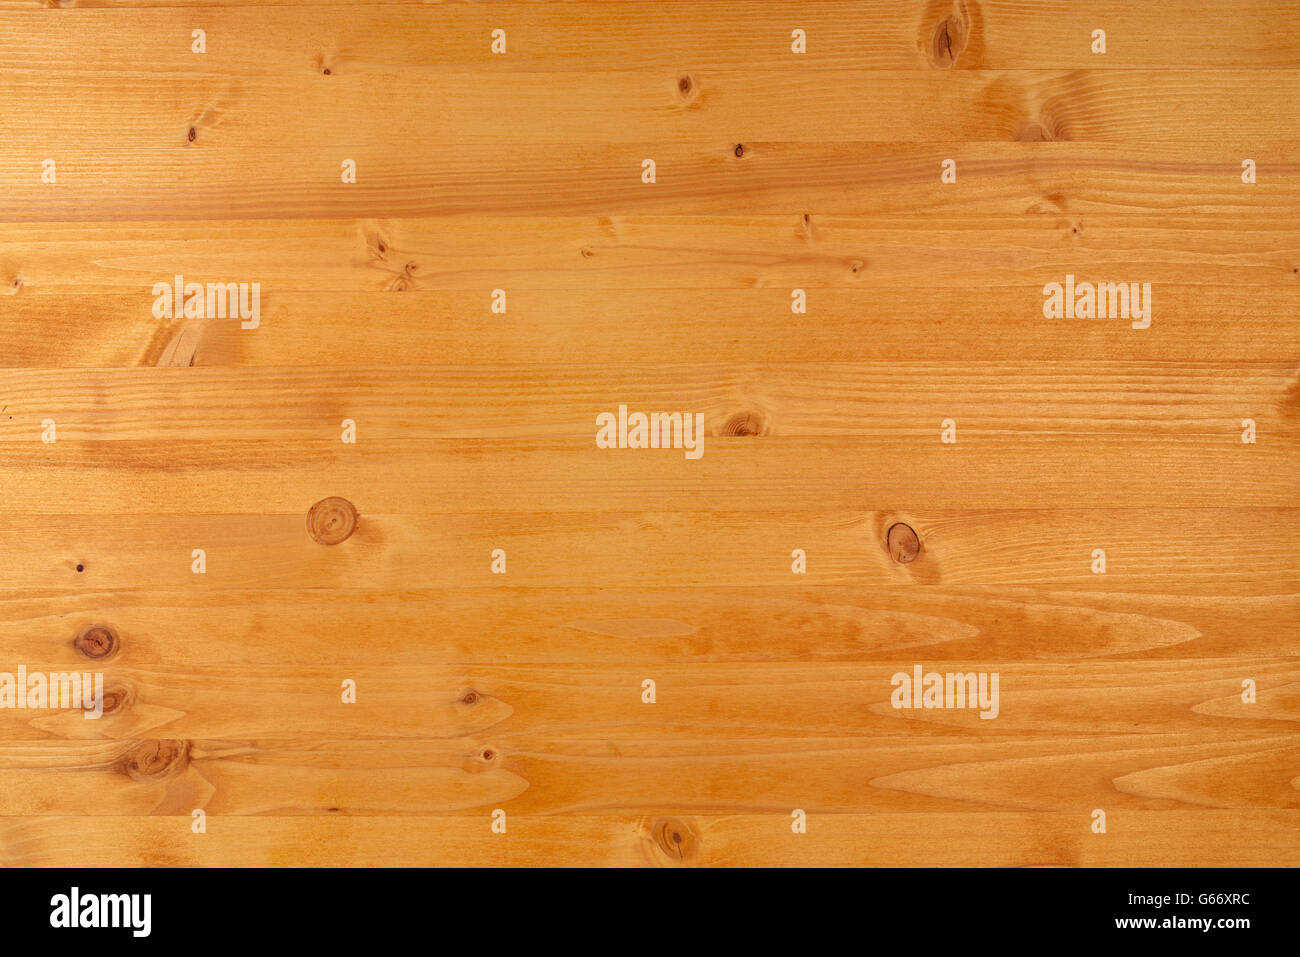 La Planche En Bois De Pin Jaune Texture Vue De Dessus Planche De